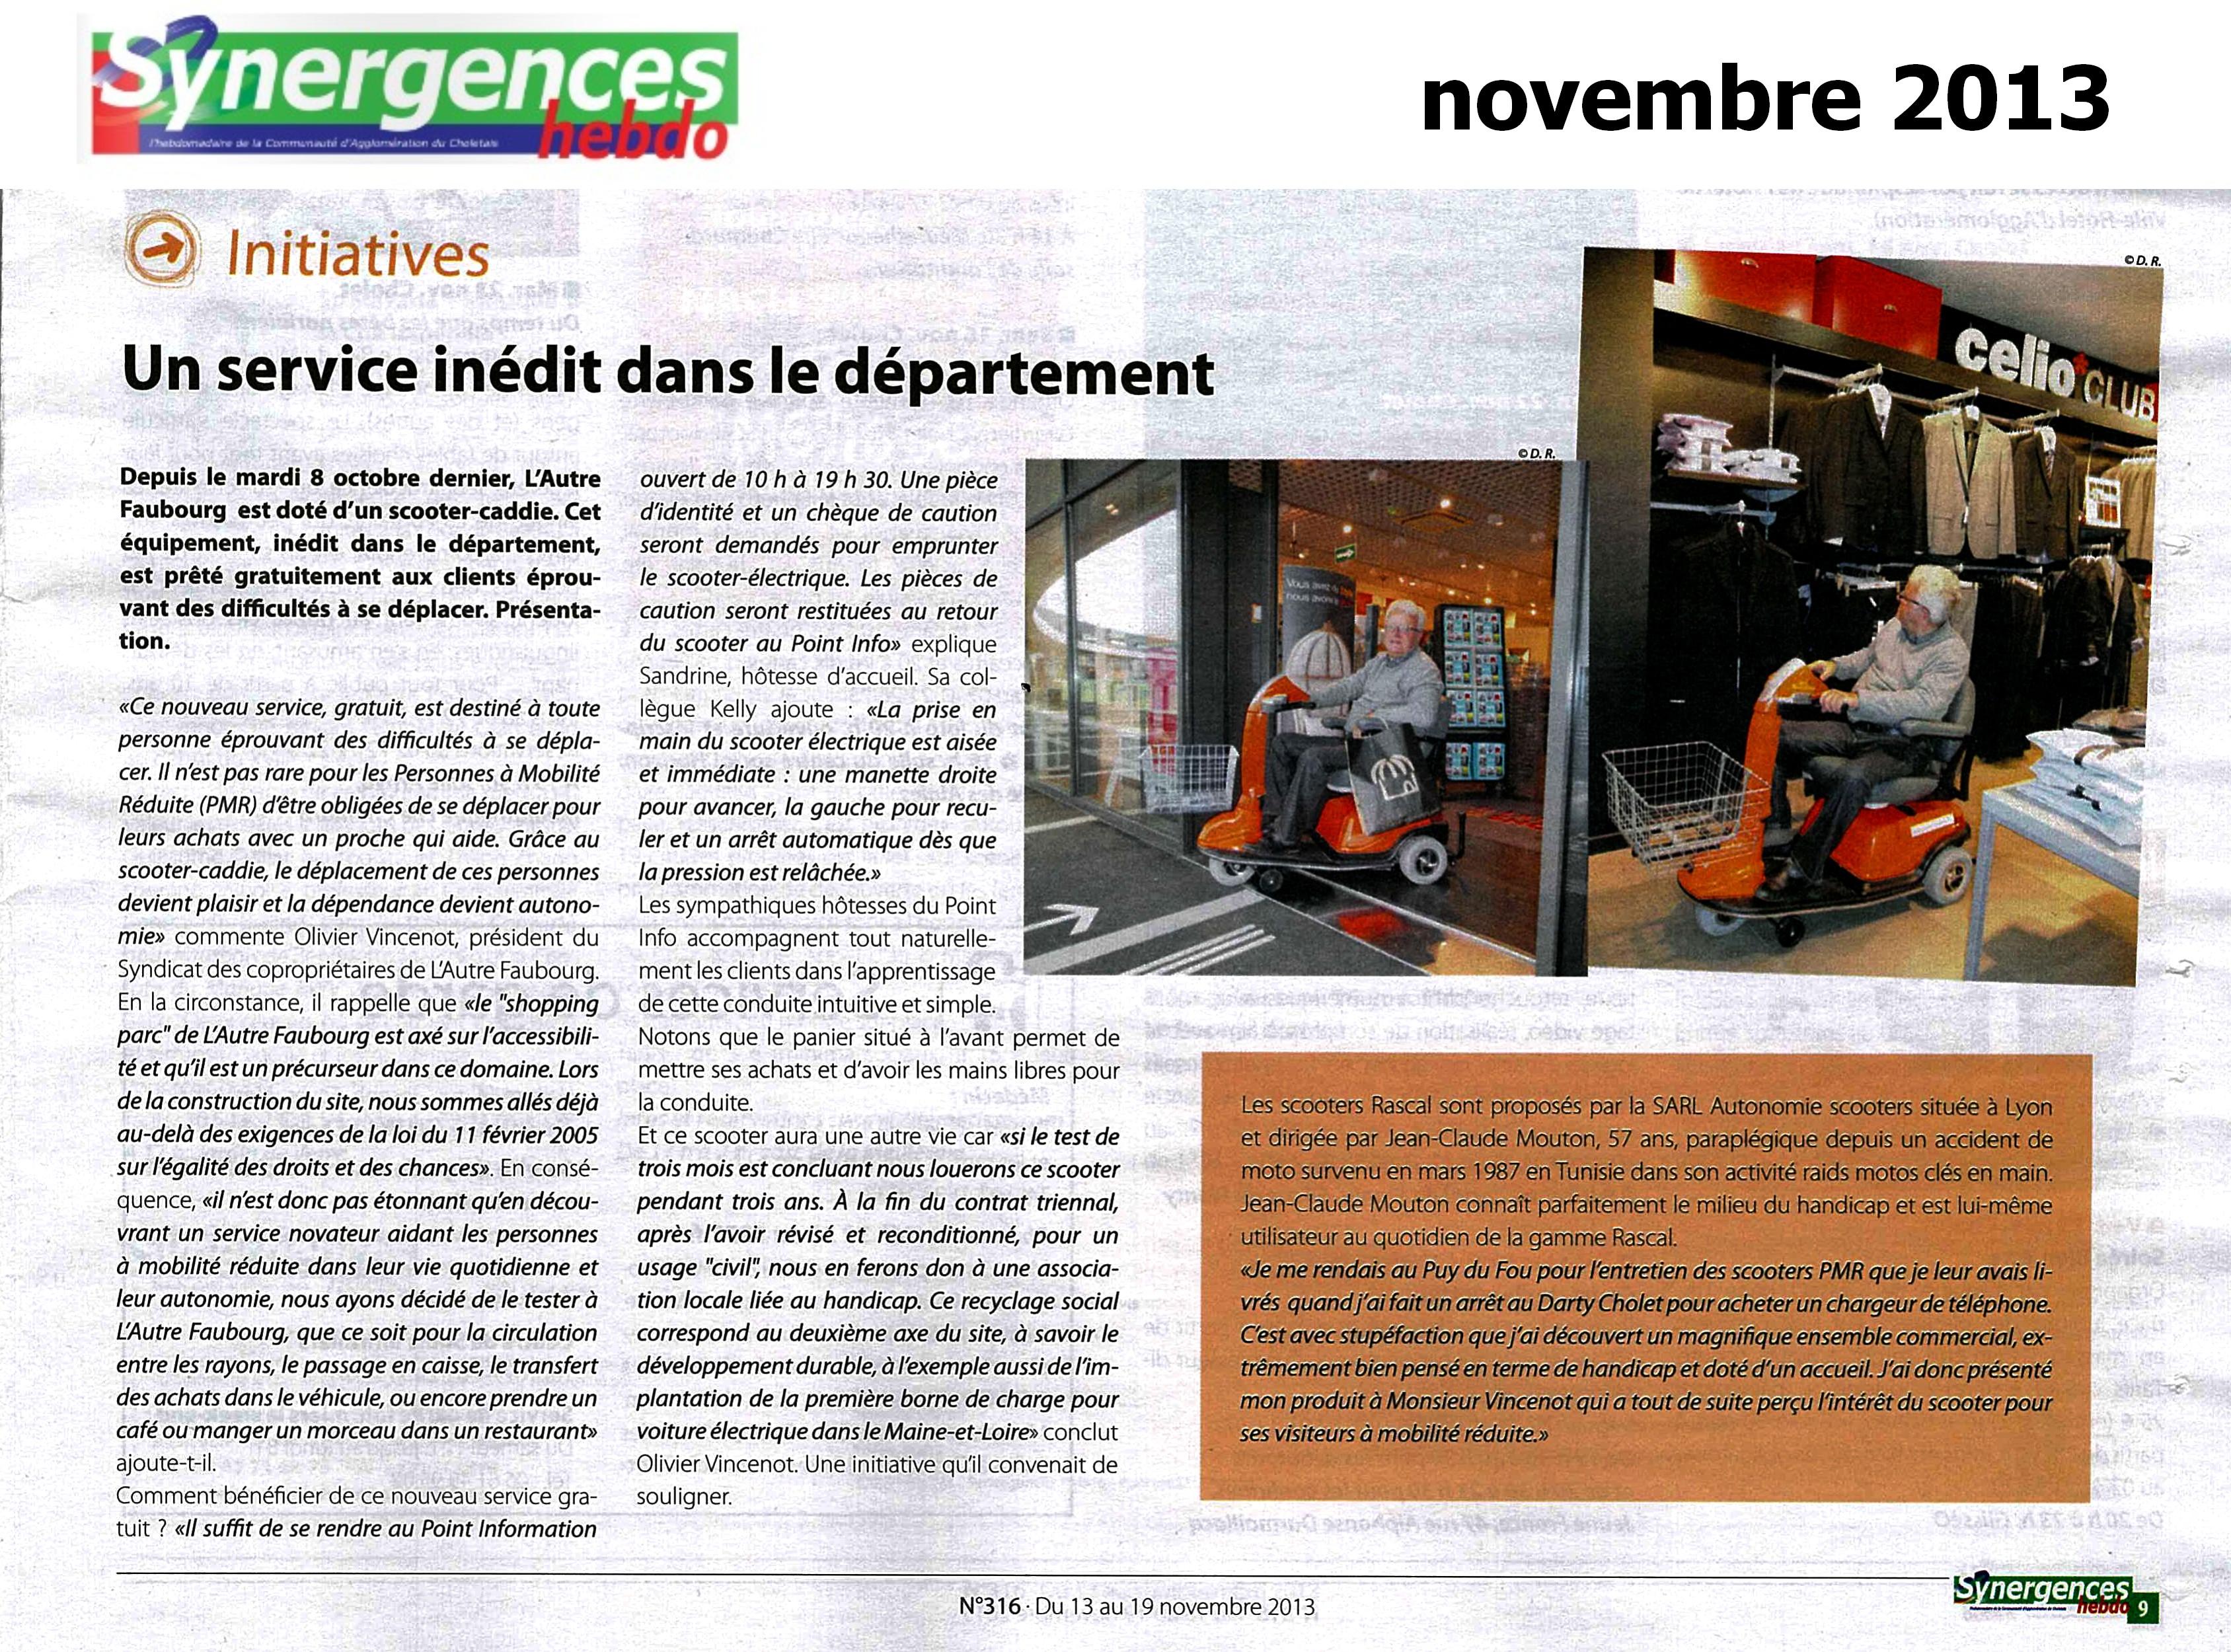 synergences 11 novembre